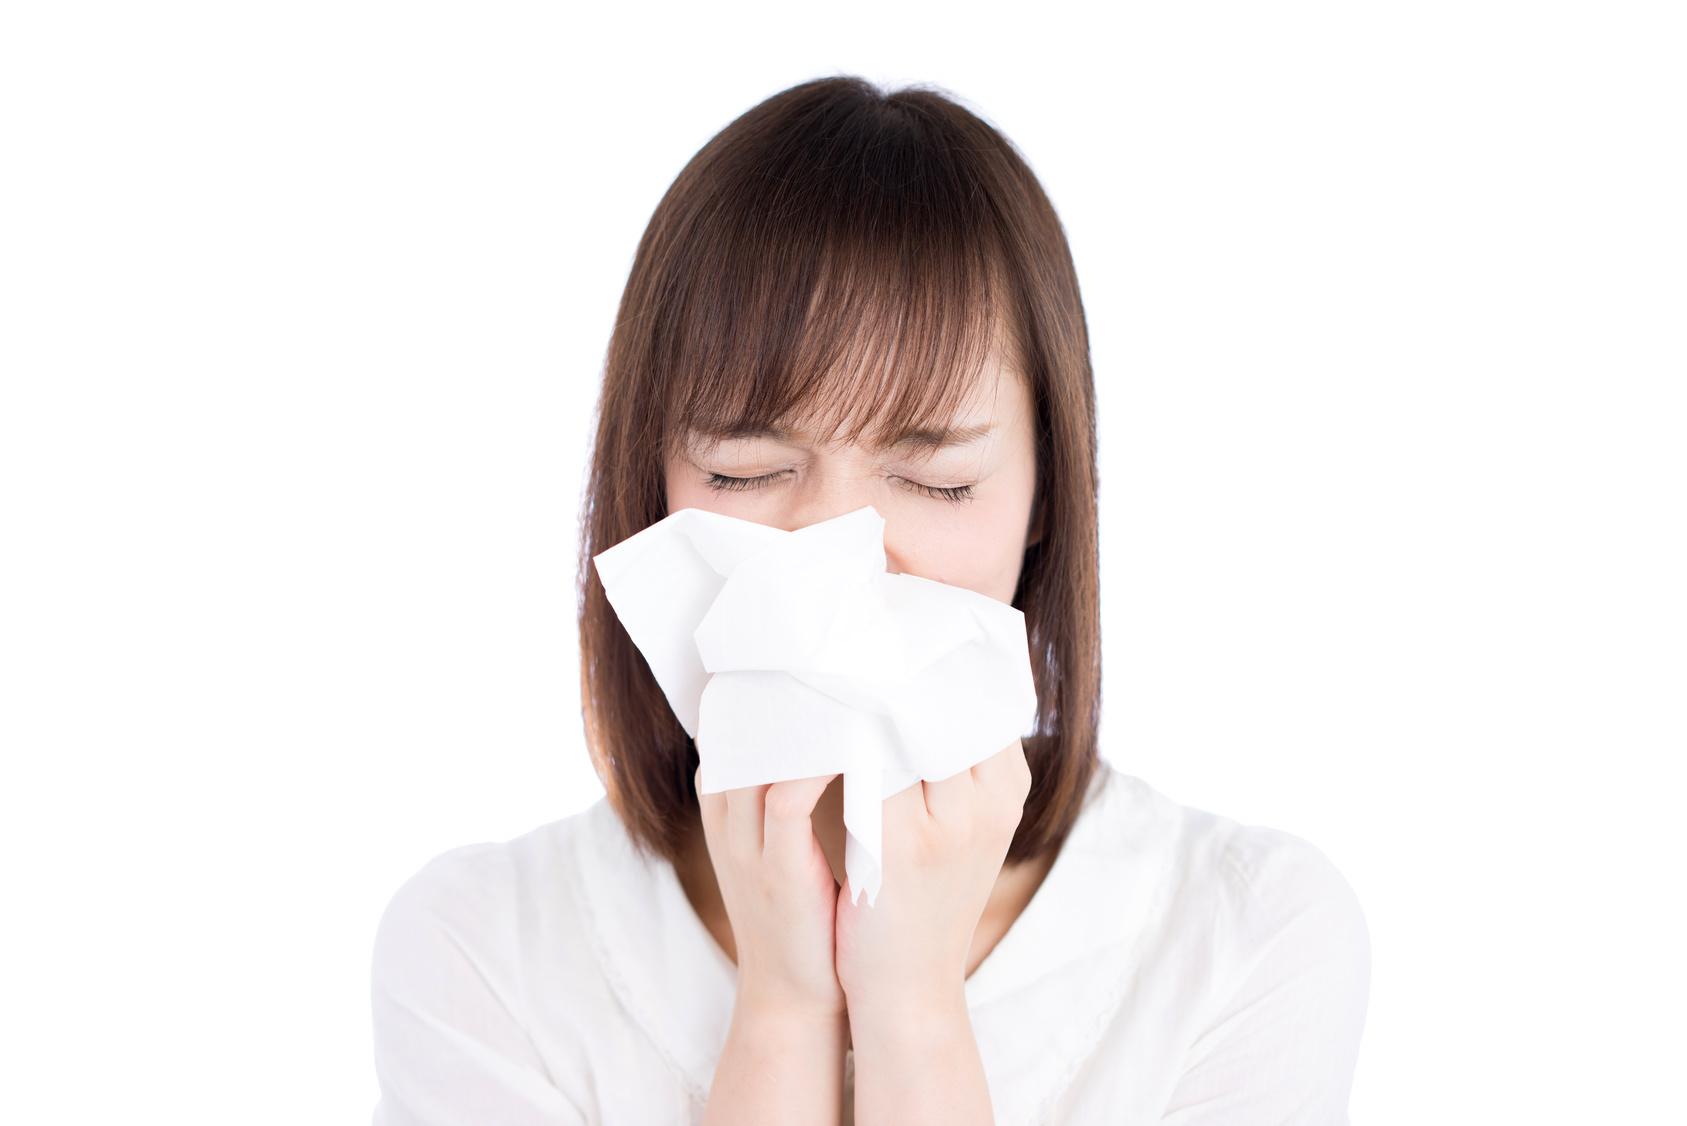 夏風邪に一番効果的なのは市販薬?処方薬?それとも……